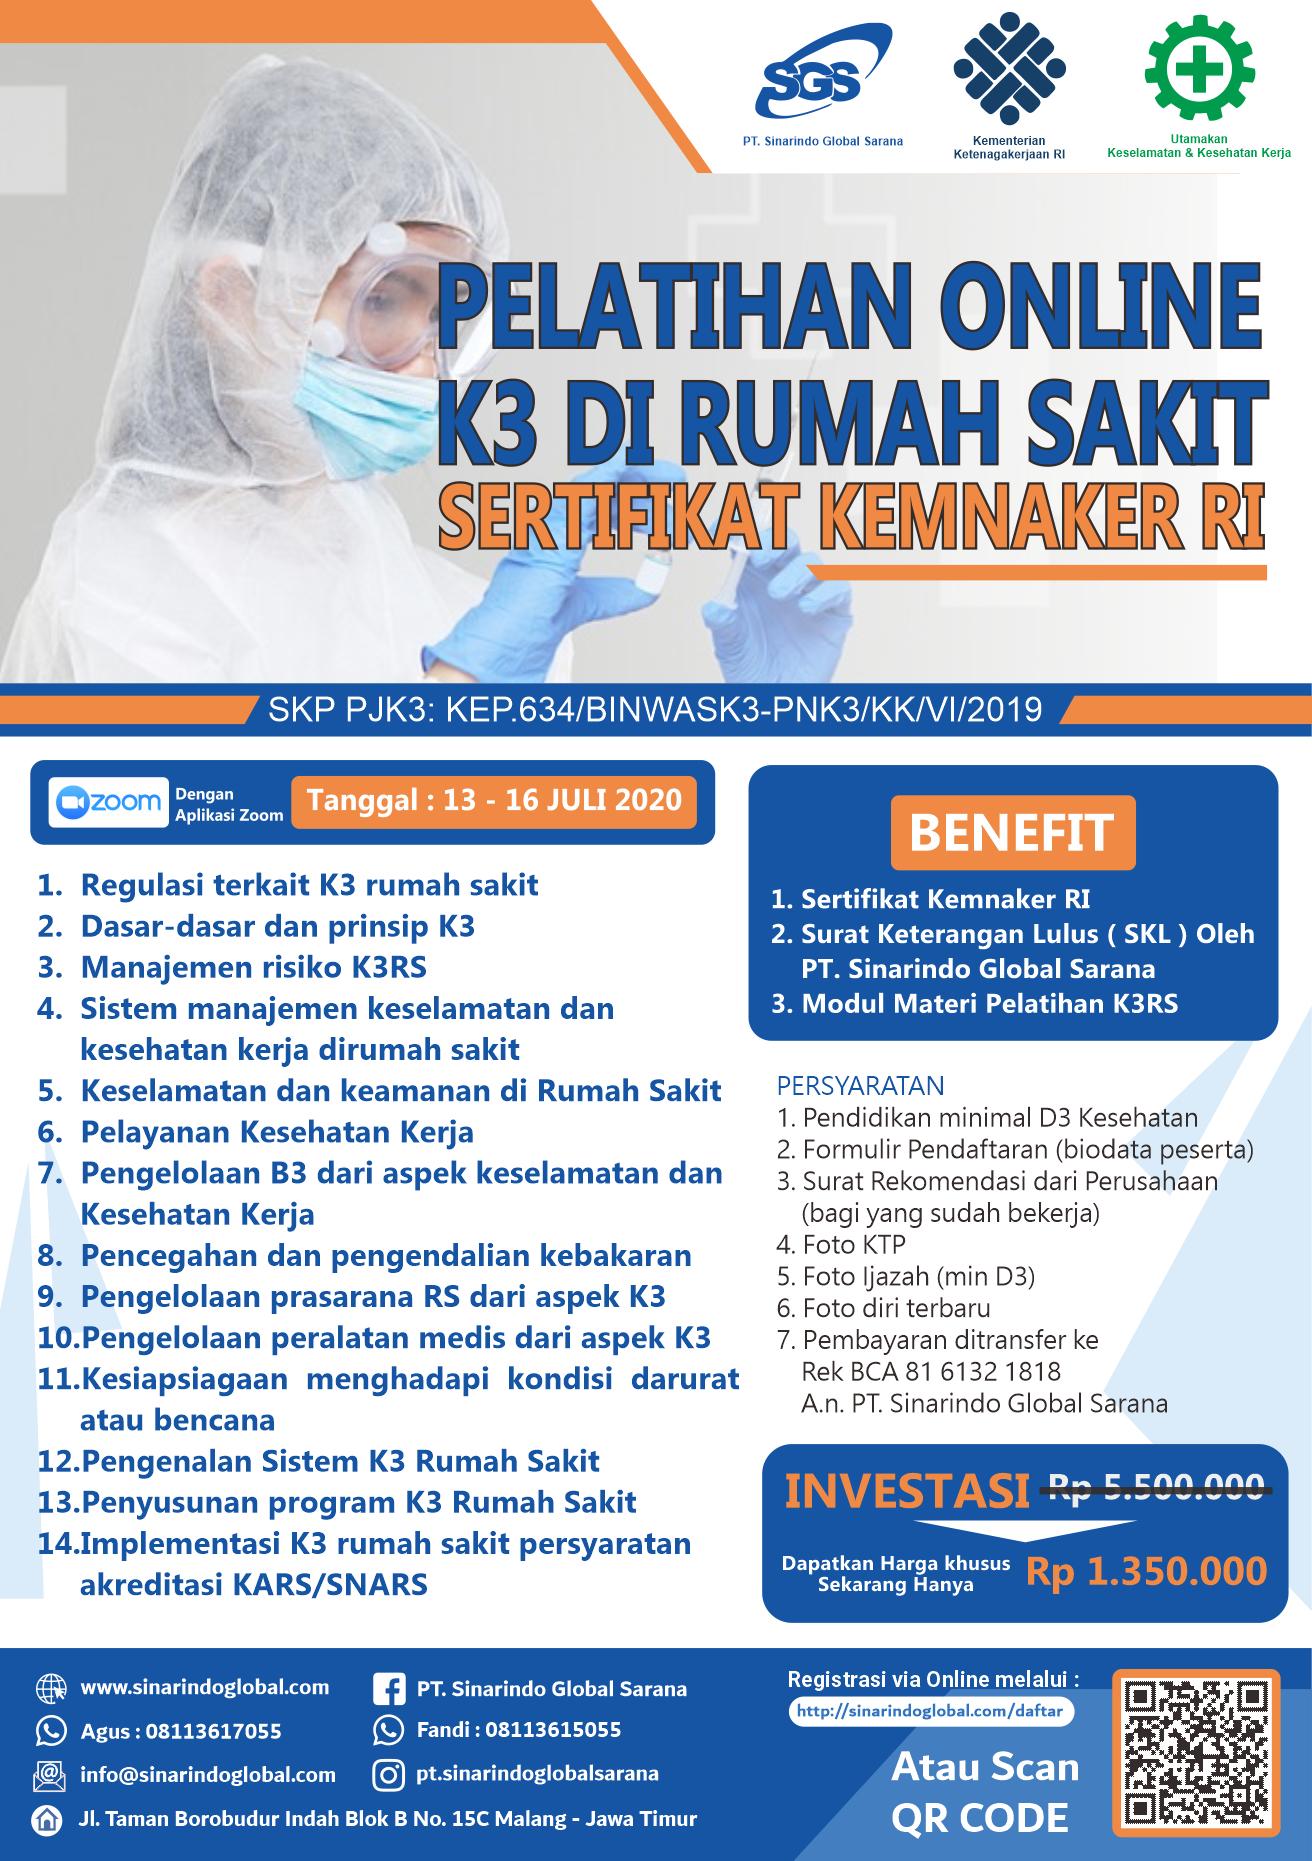 Pelatihan Online K3 di Rumah Sakit Sertifikat Kemnaker RI ( 13 - 16 Juli 2020 )